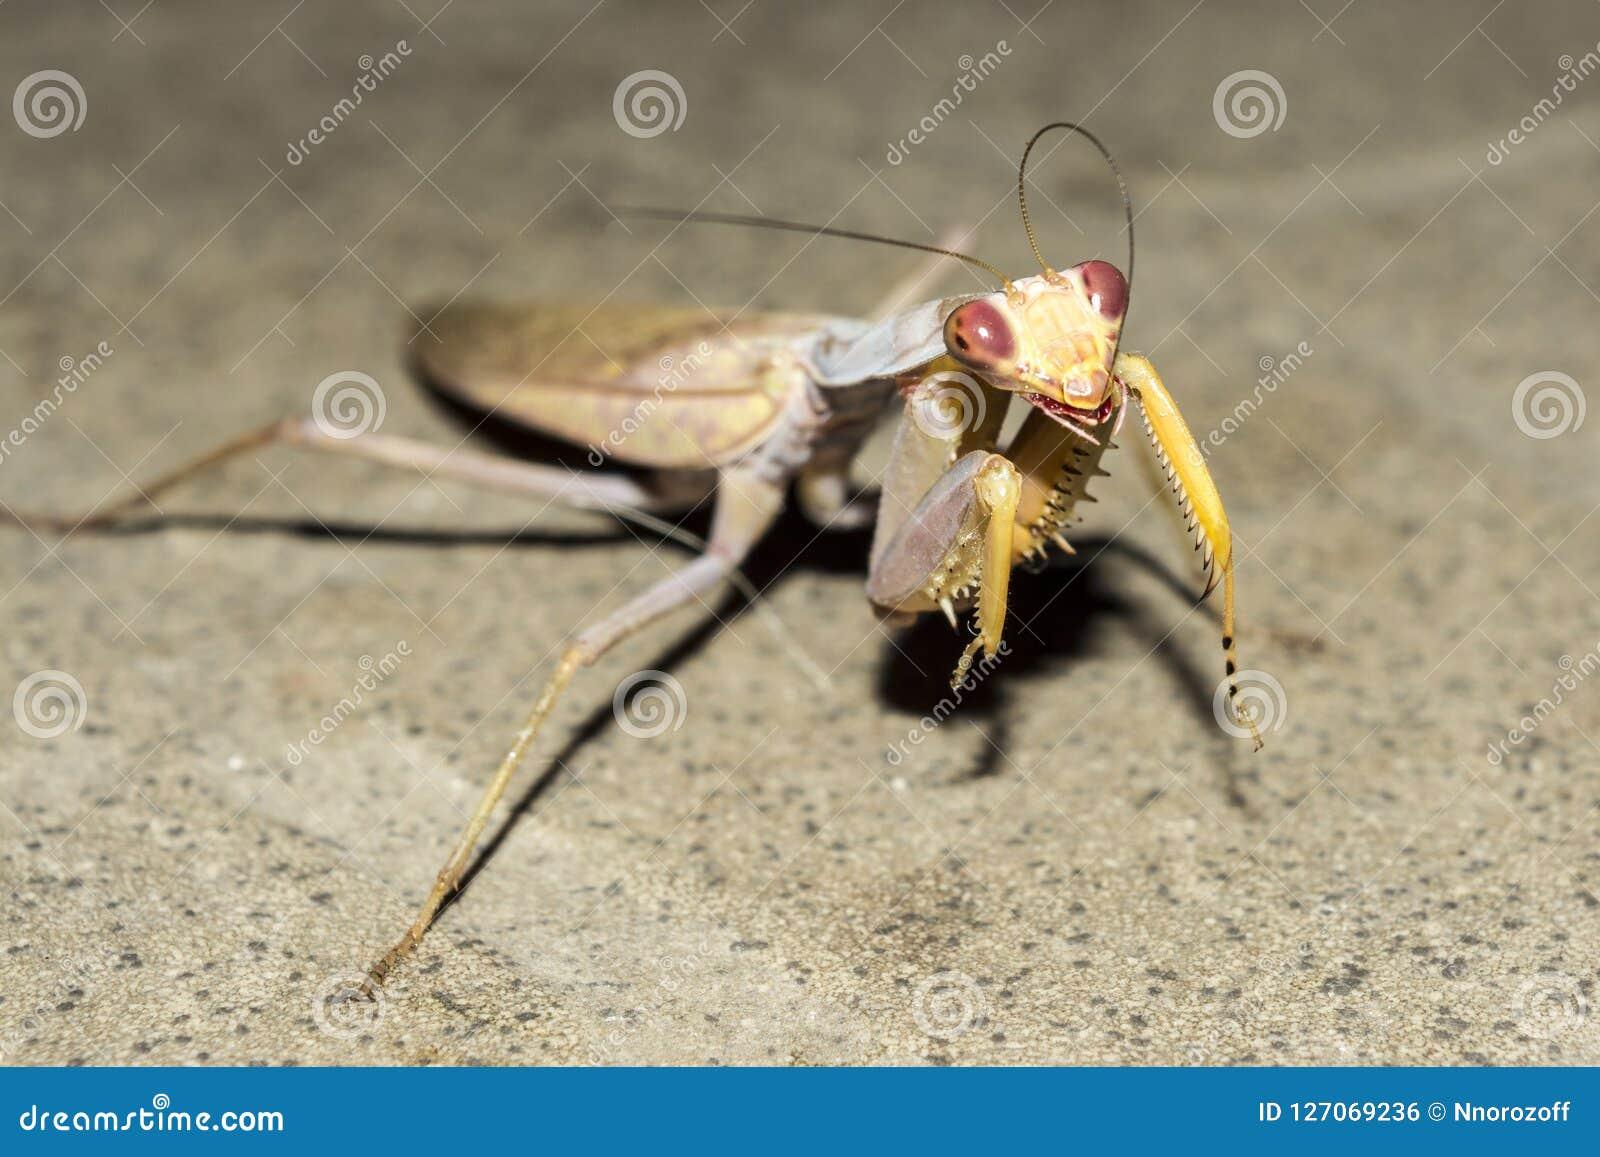 昆虫欧洲螳螂在晚上,特写镜头狂放的自然背景